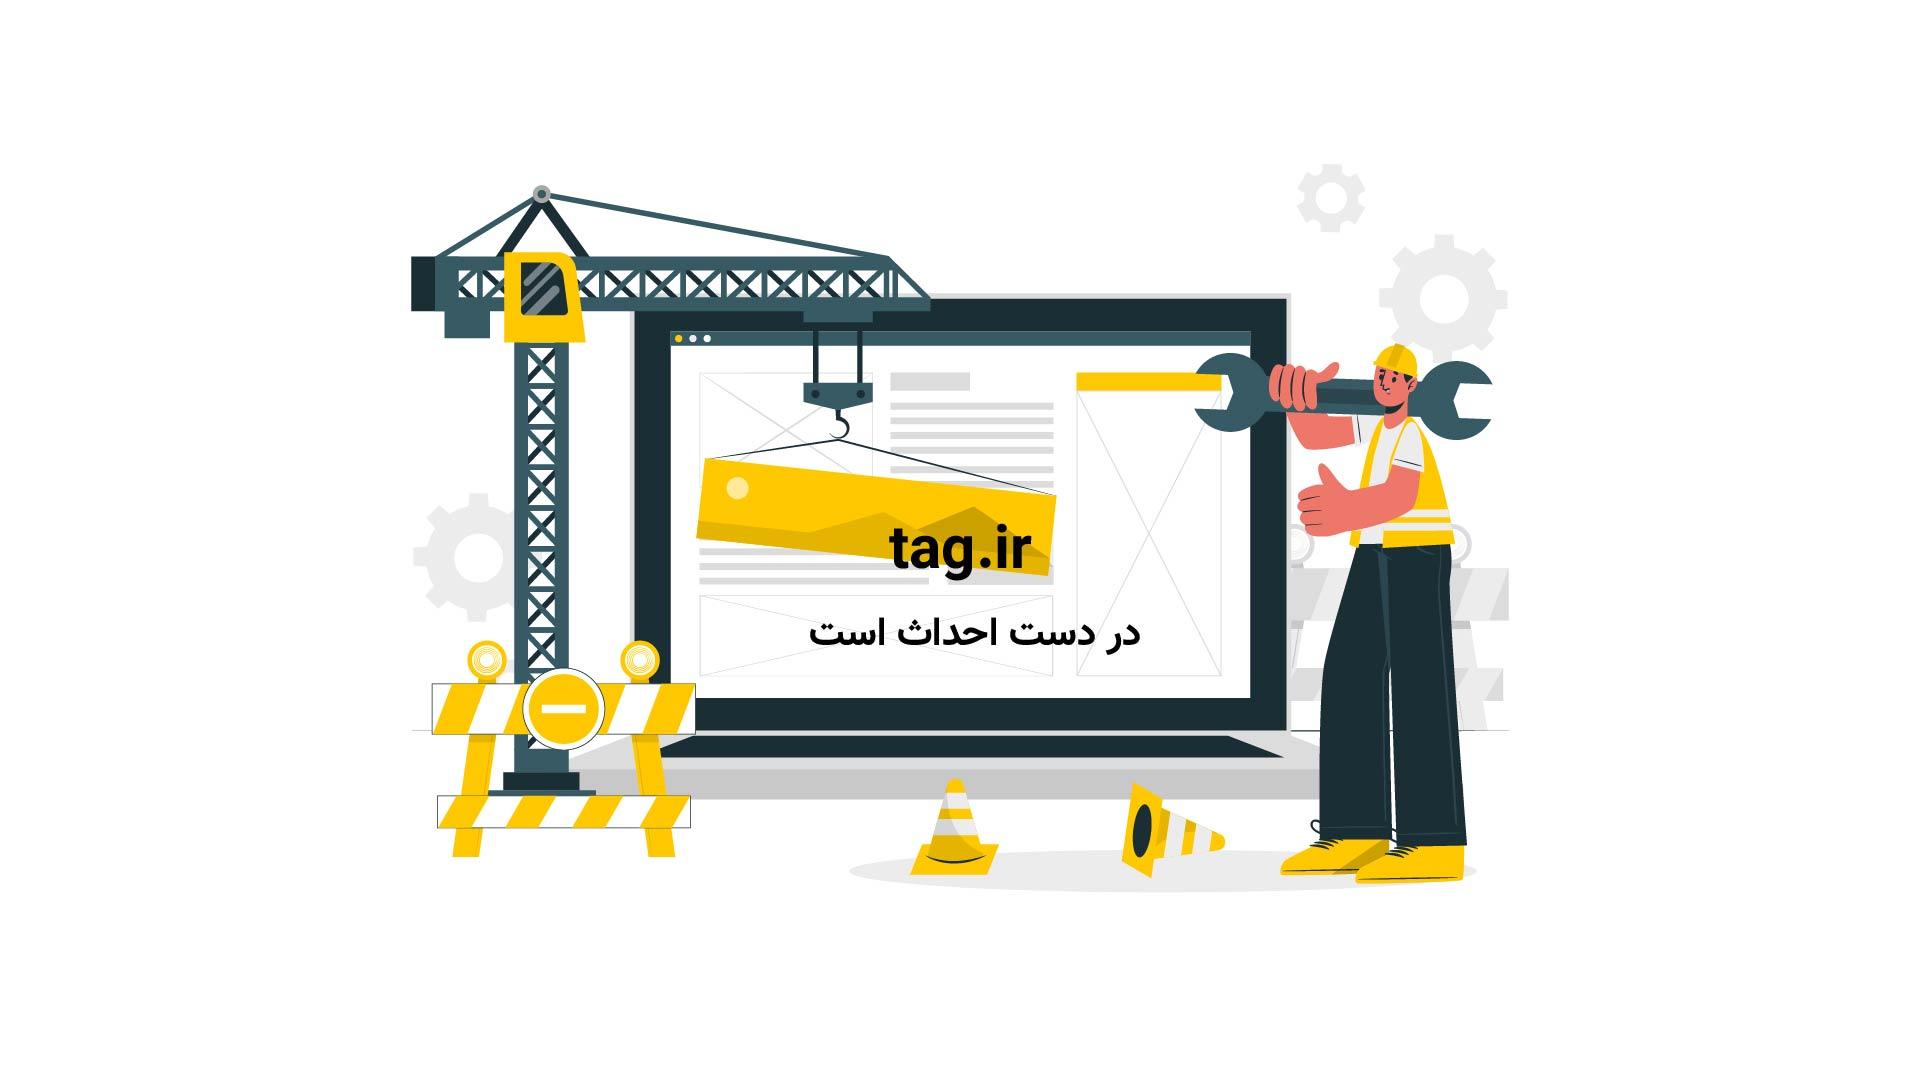 ترس گربه از خیار | تگ